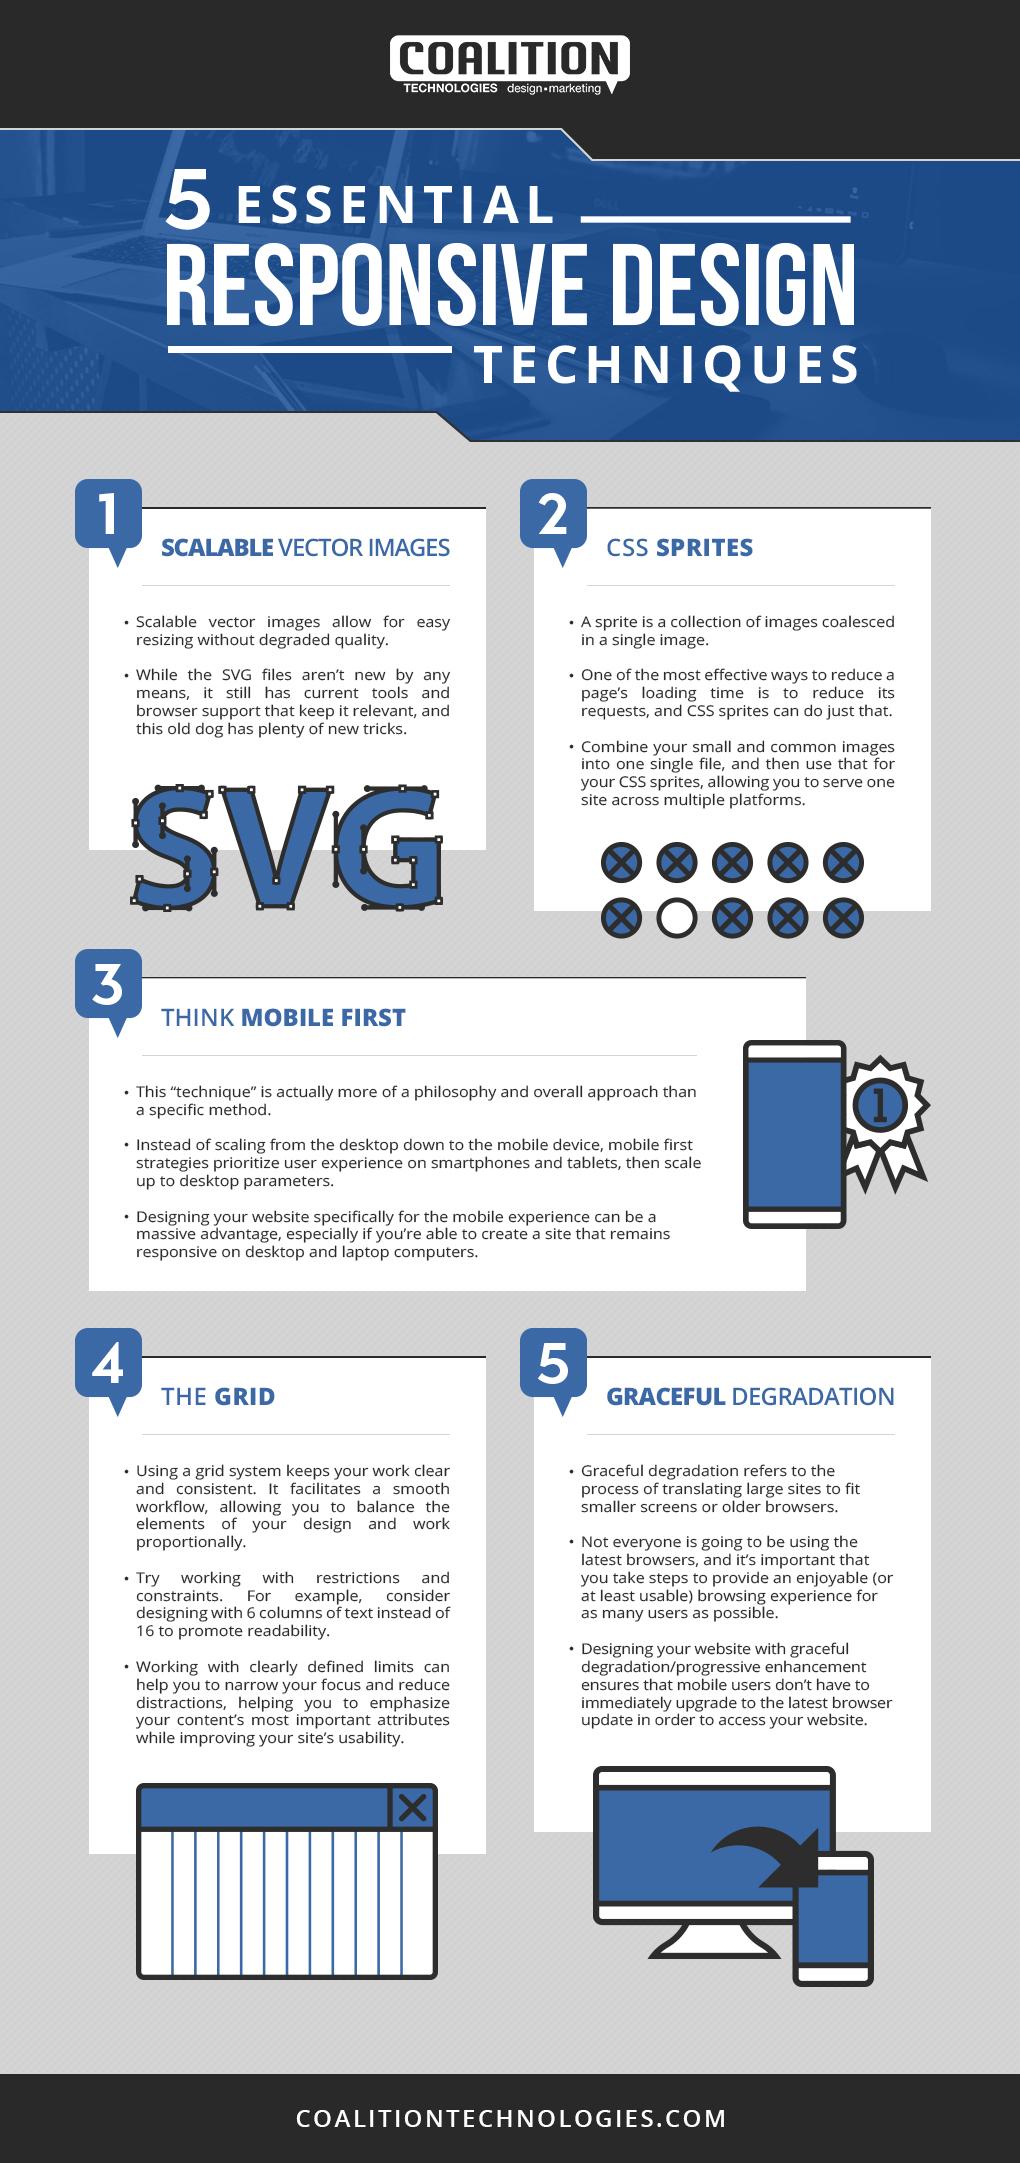 5 Essential Responsive Design Techniques